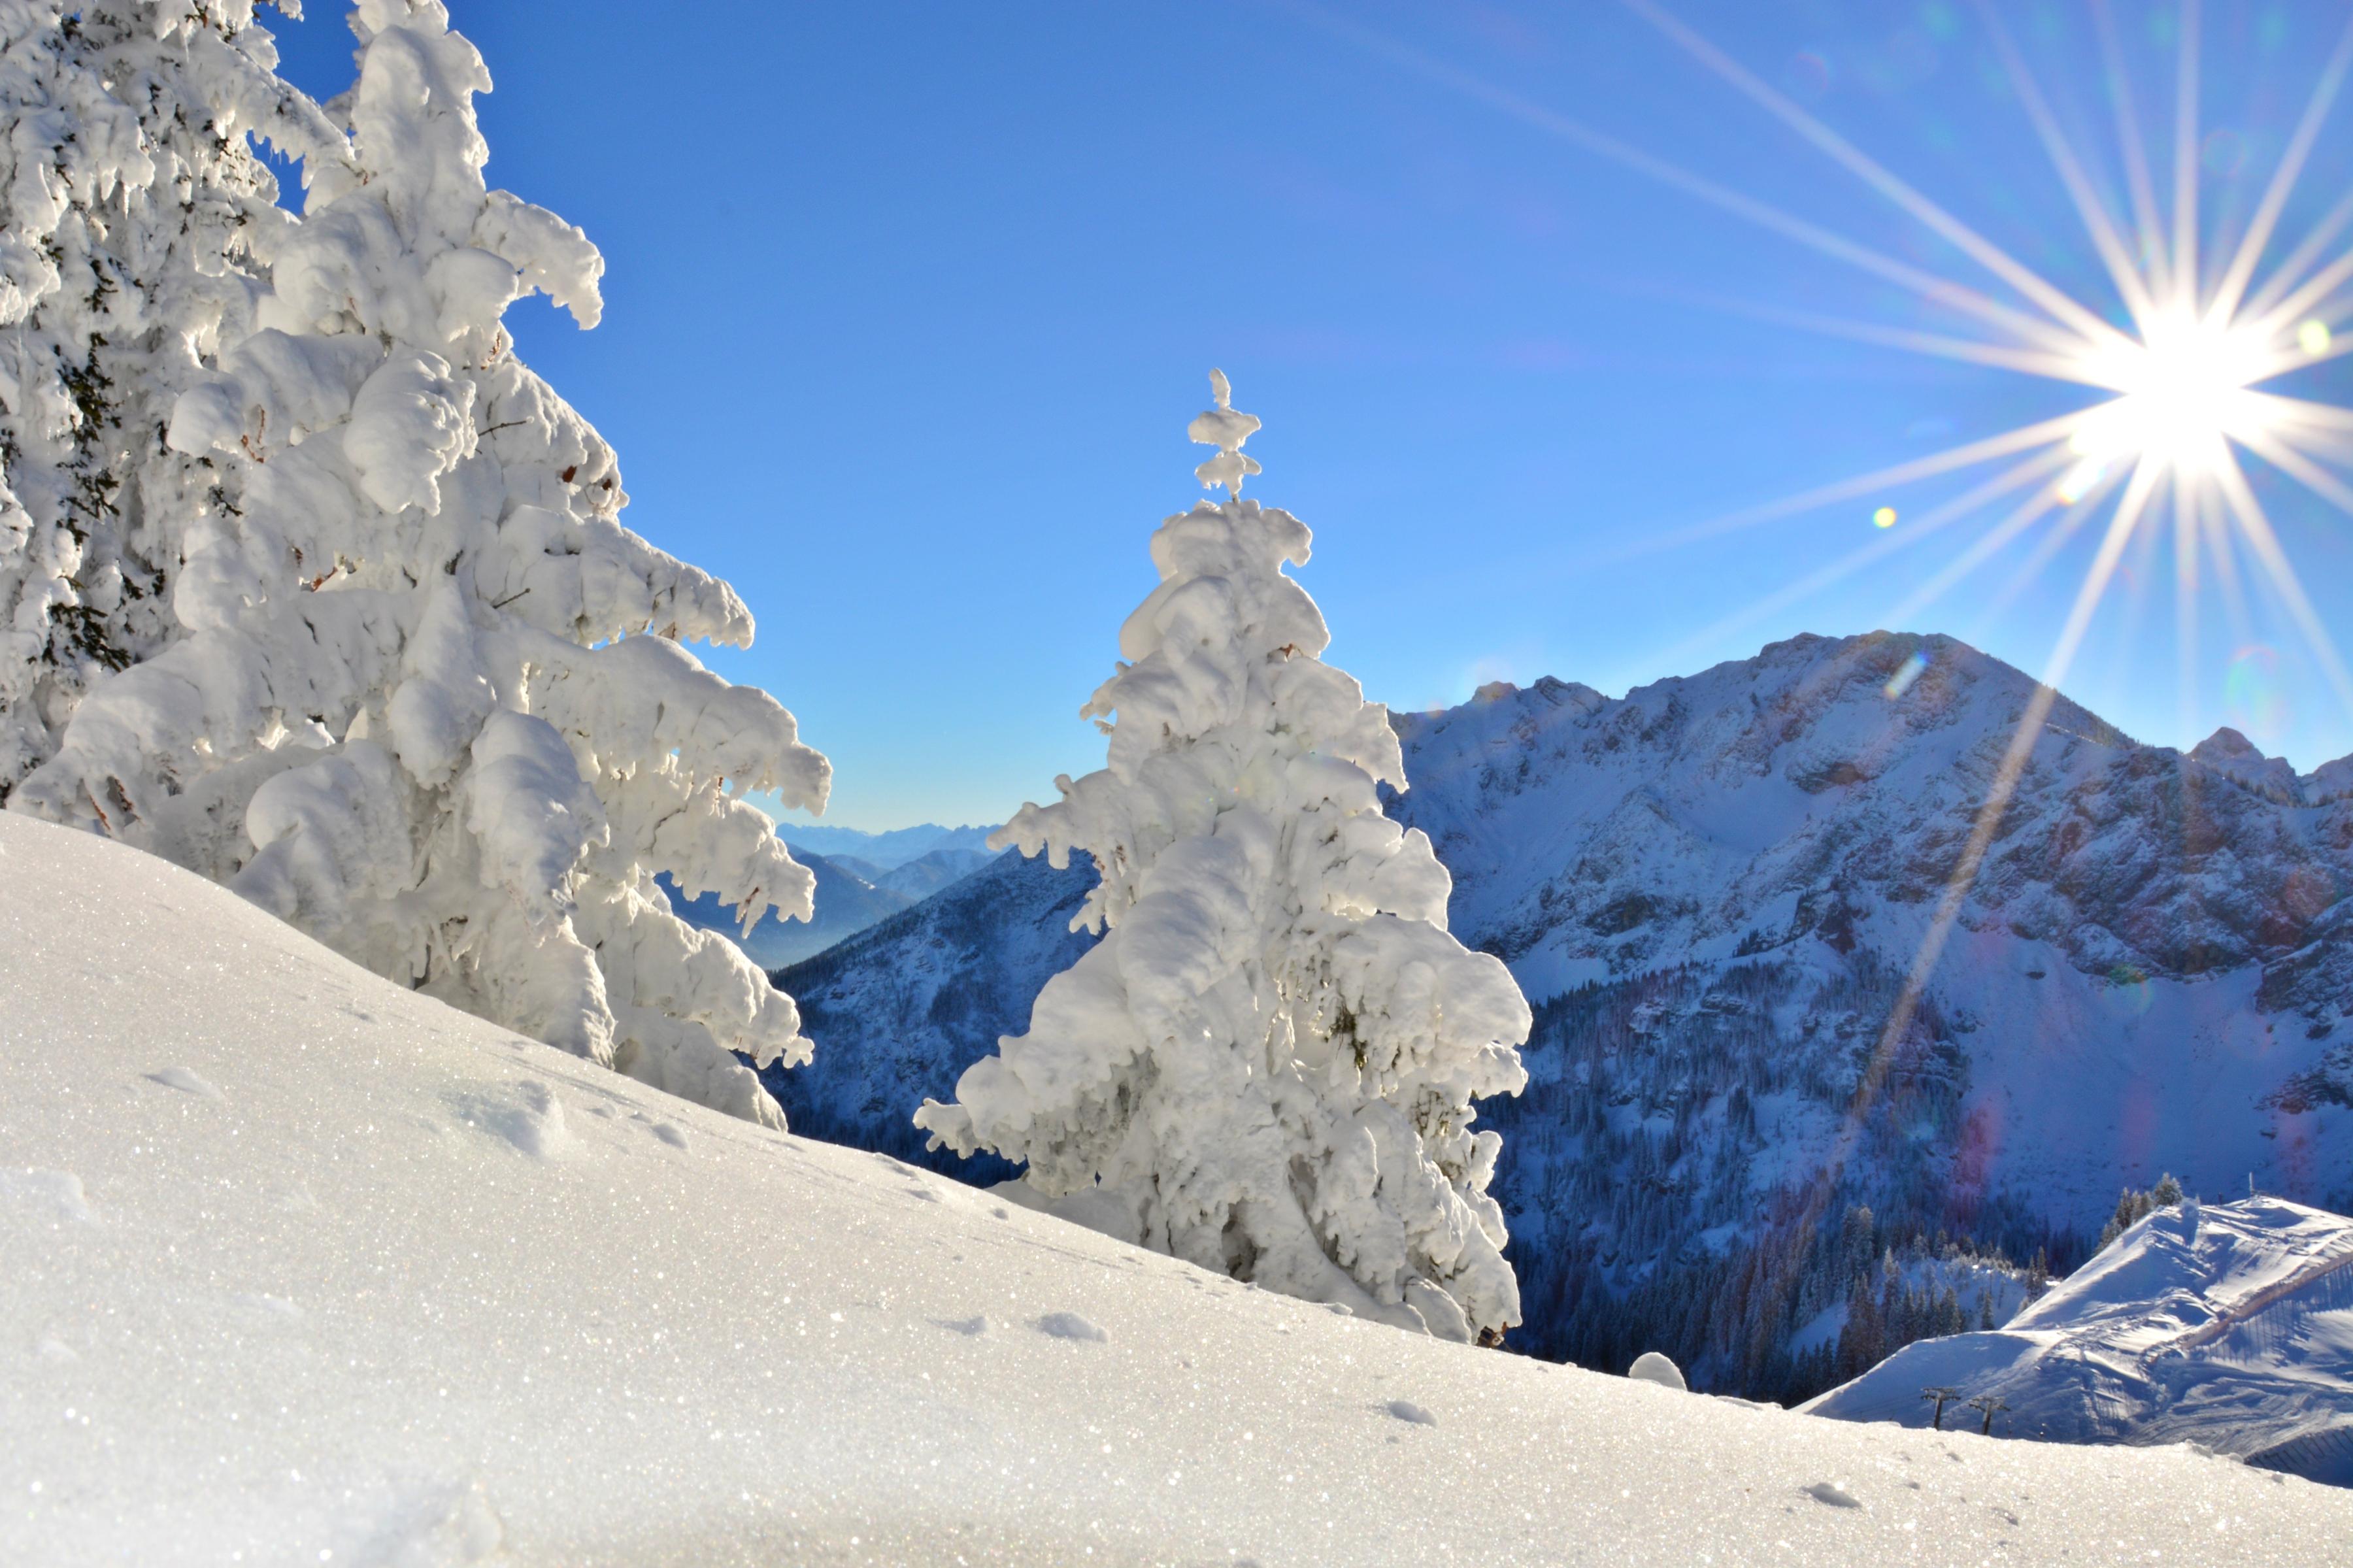 W0366 Wintertraumtag auf dem Breitenberg.jpg